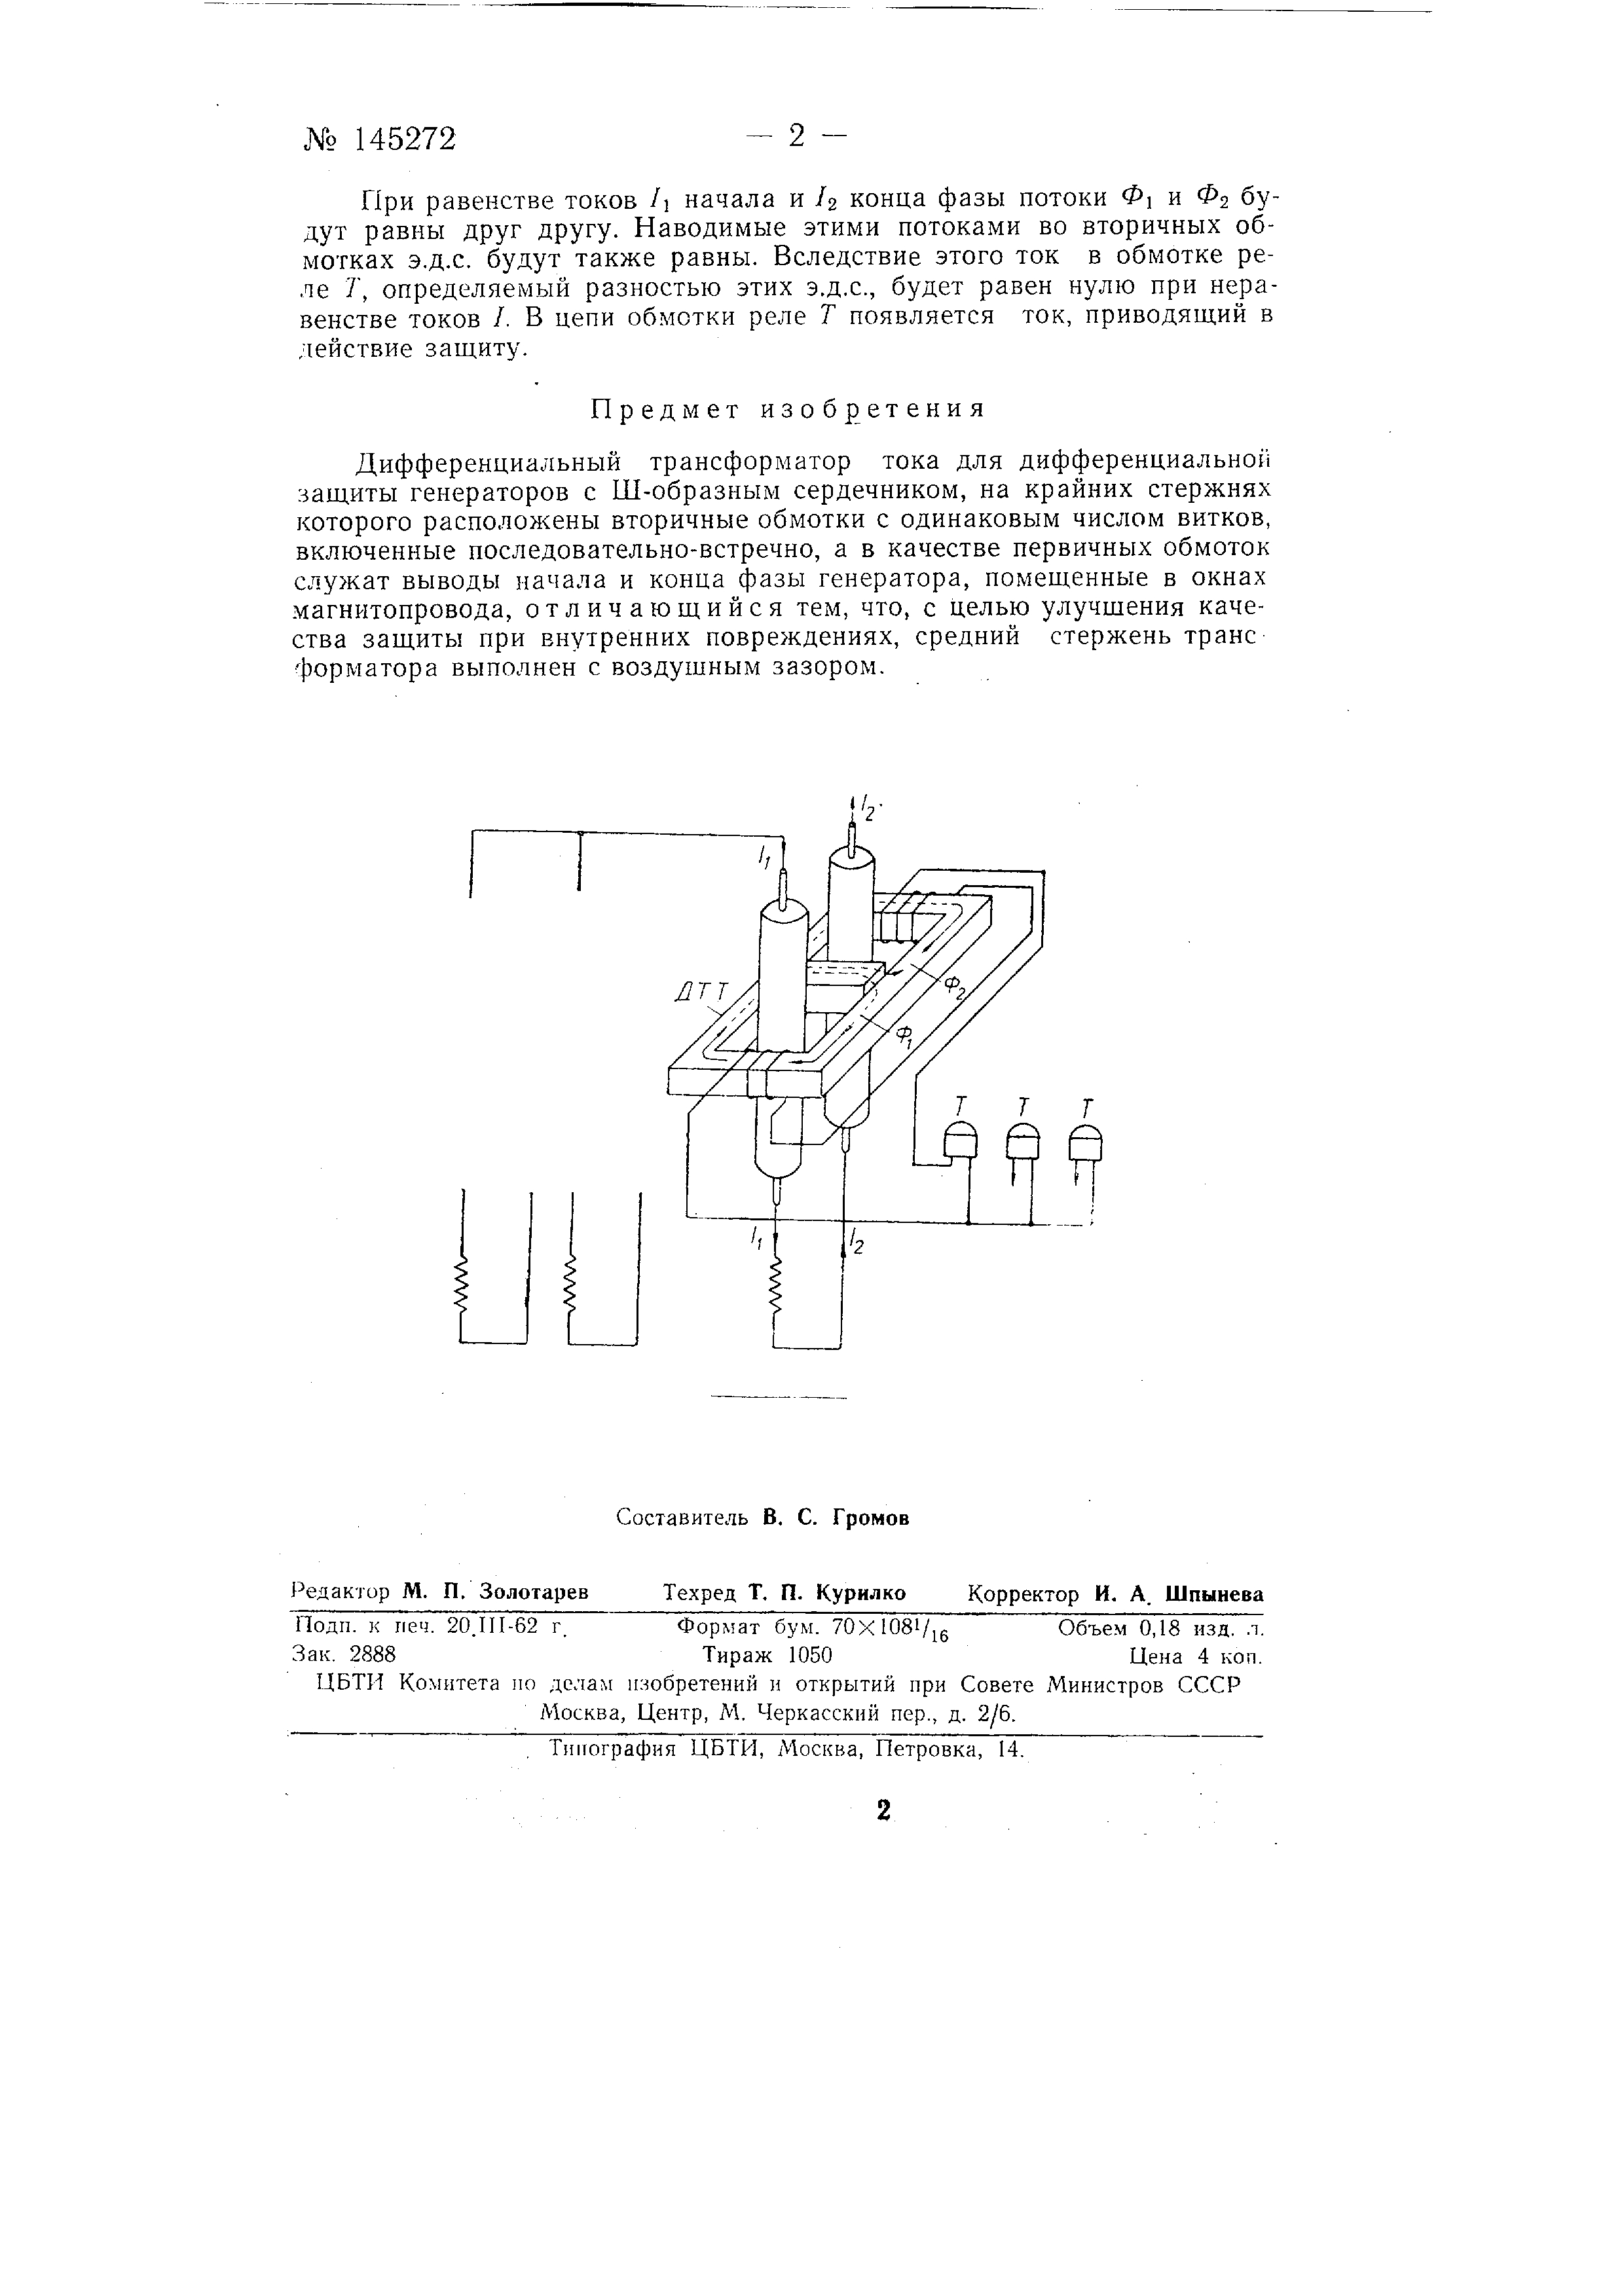 Дифференциальный трансформатор тока своими руками 25